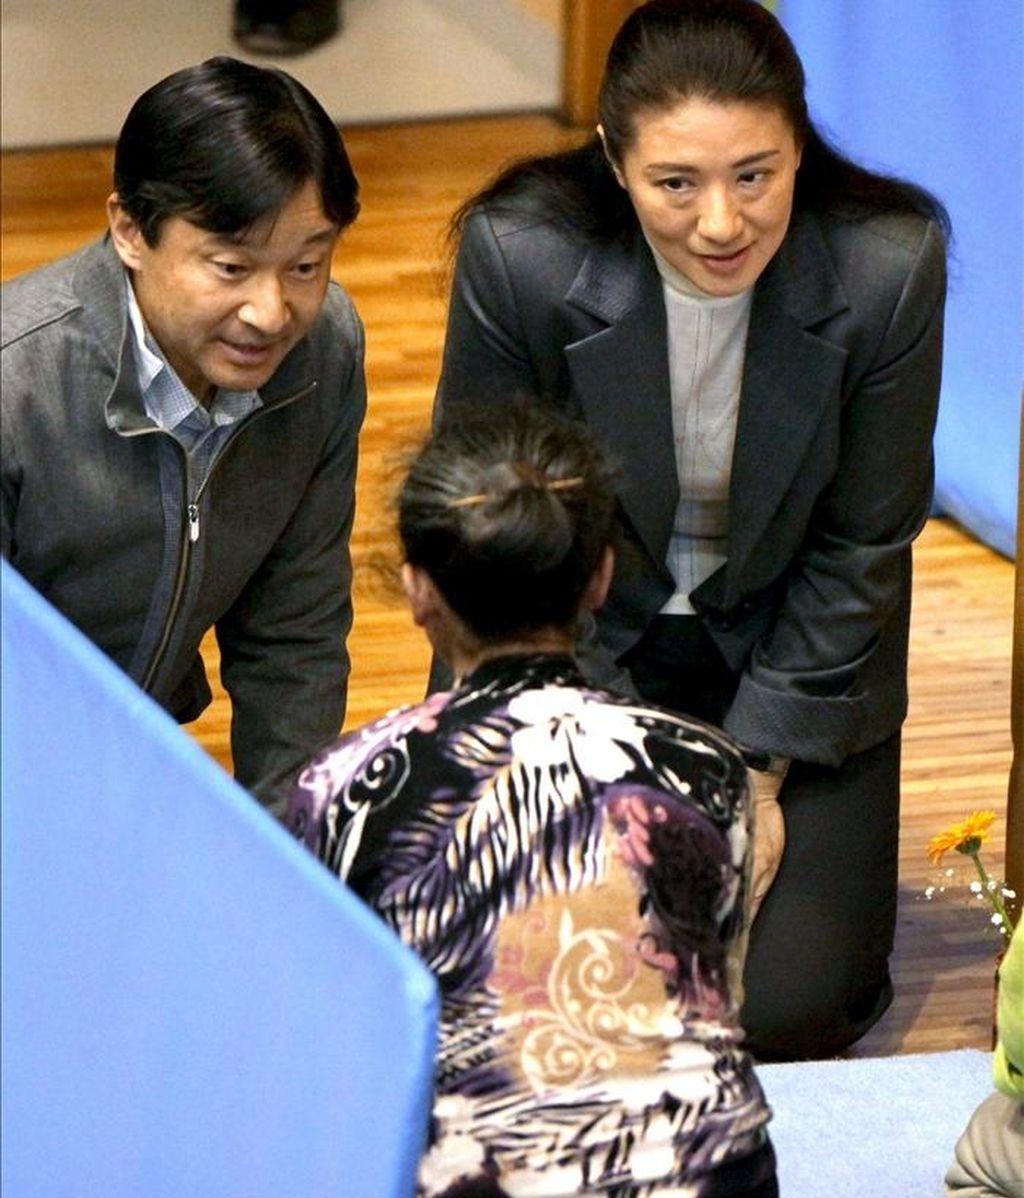 El príncipe heredero japonés Naruhito (izq) y su esposa, la princesa Masako (dcha), conversan con damnificados del terremoto en un centro para evacuados en Tokio (Japón) hoy, miércoles 6 de abril de 2011. EFE